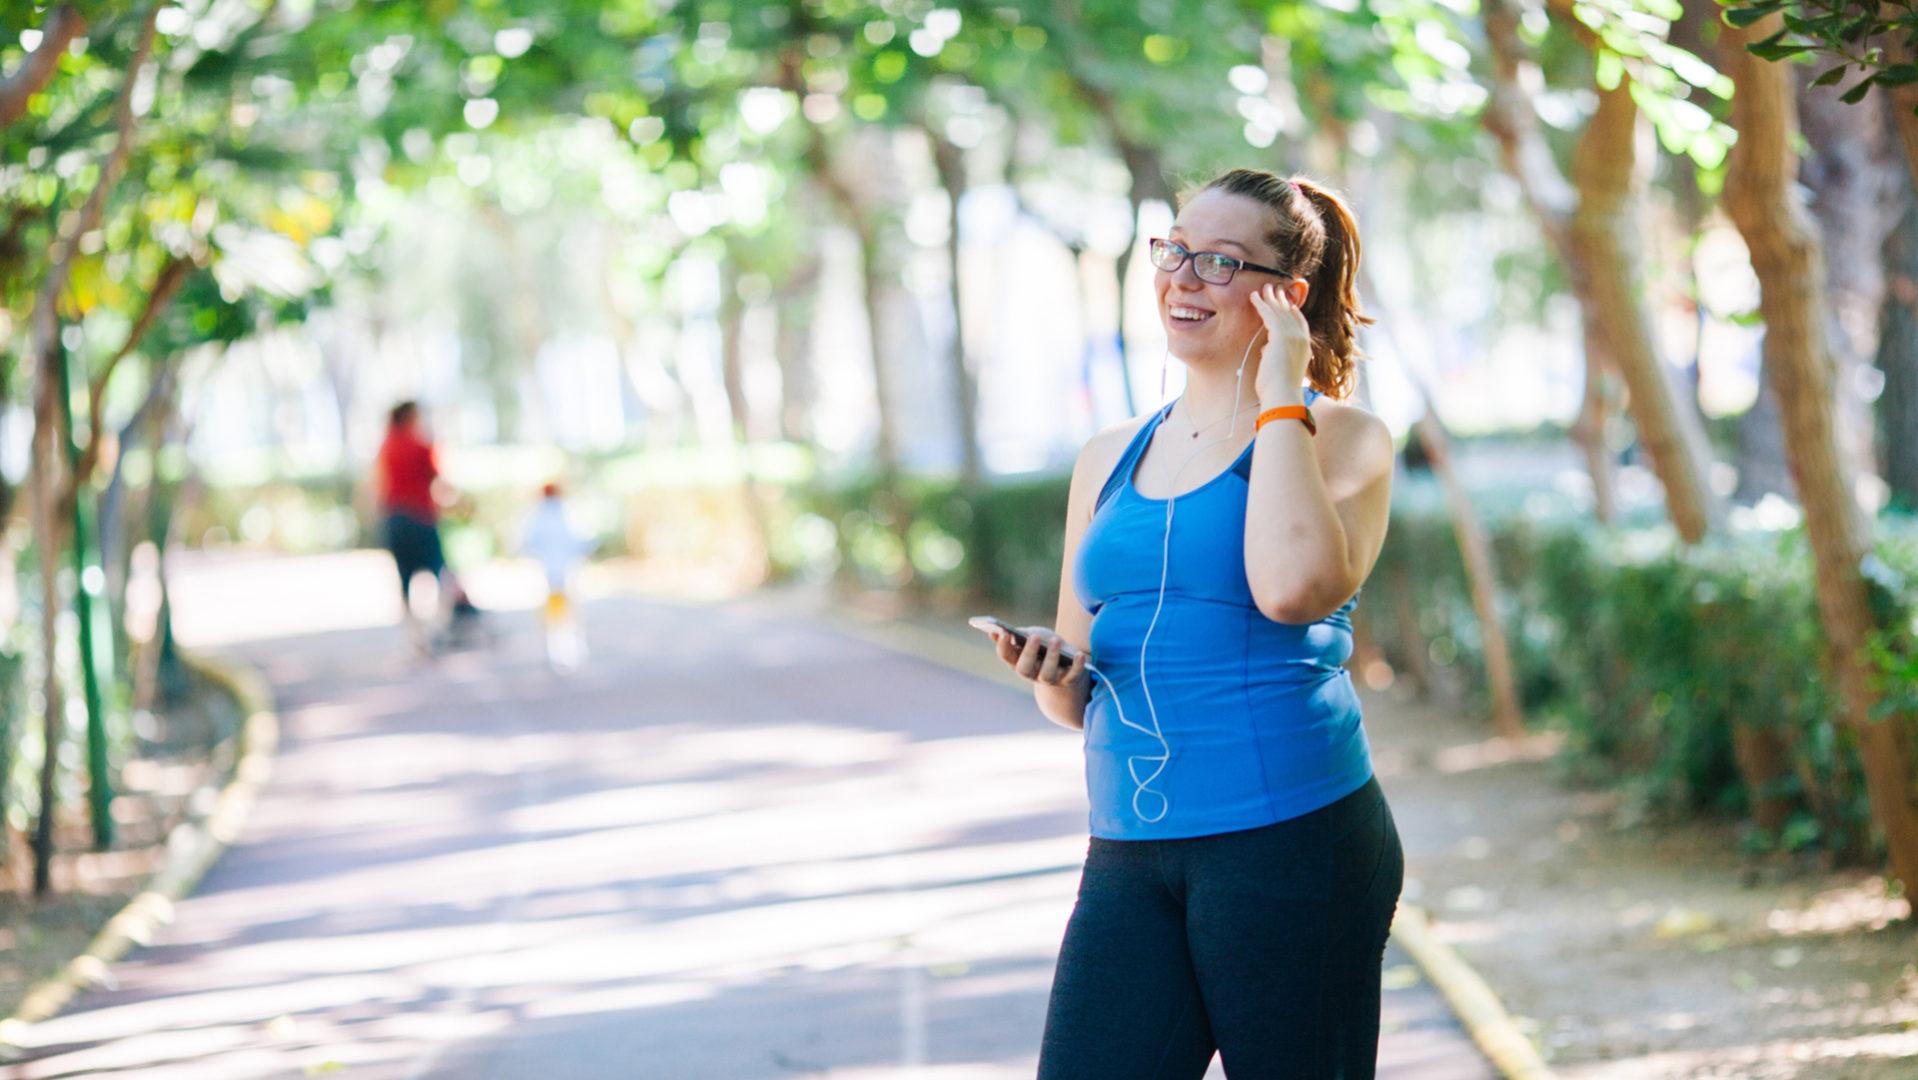 Kehon matala-asteinen tulehdus voi vähentyä hölkkälenkkien tai kunnon kävelylenkkien avulla.